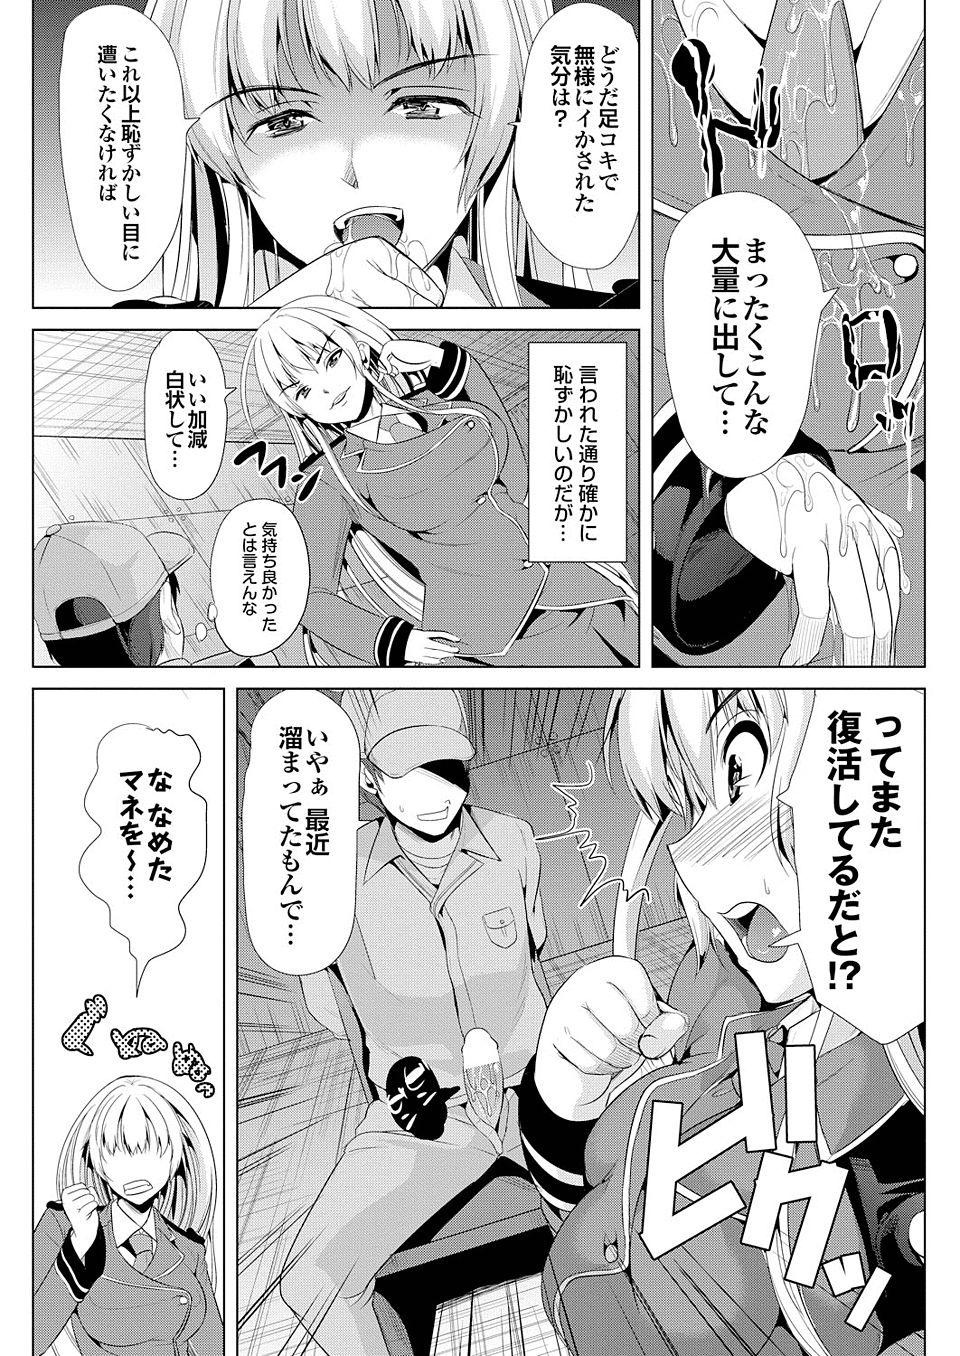 【エロ漫画・エロ同人】捕らえられた男が拘束されたまま巨乳娘にエッチな拷問されてるw足コキからパイズリされチンコ挿入したら立場逆転でセックスしてるwww (5)